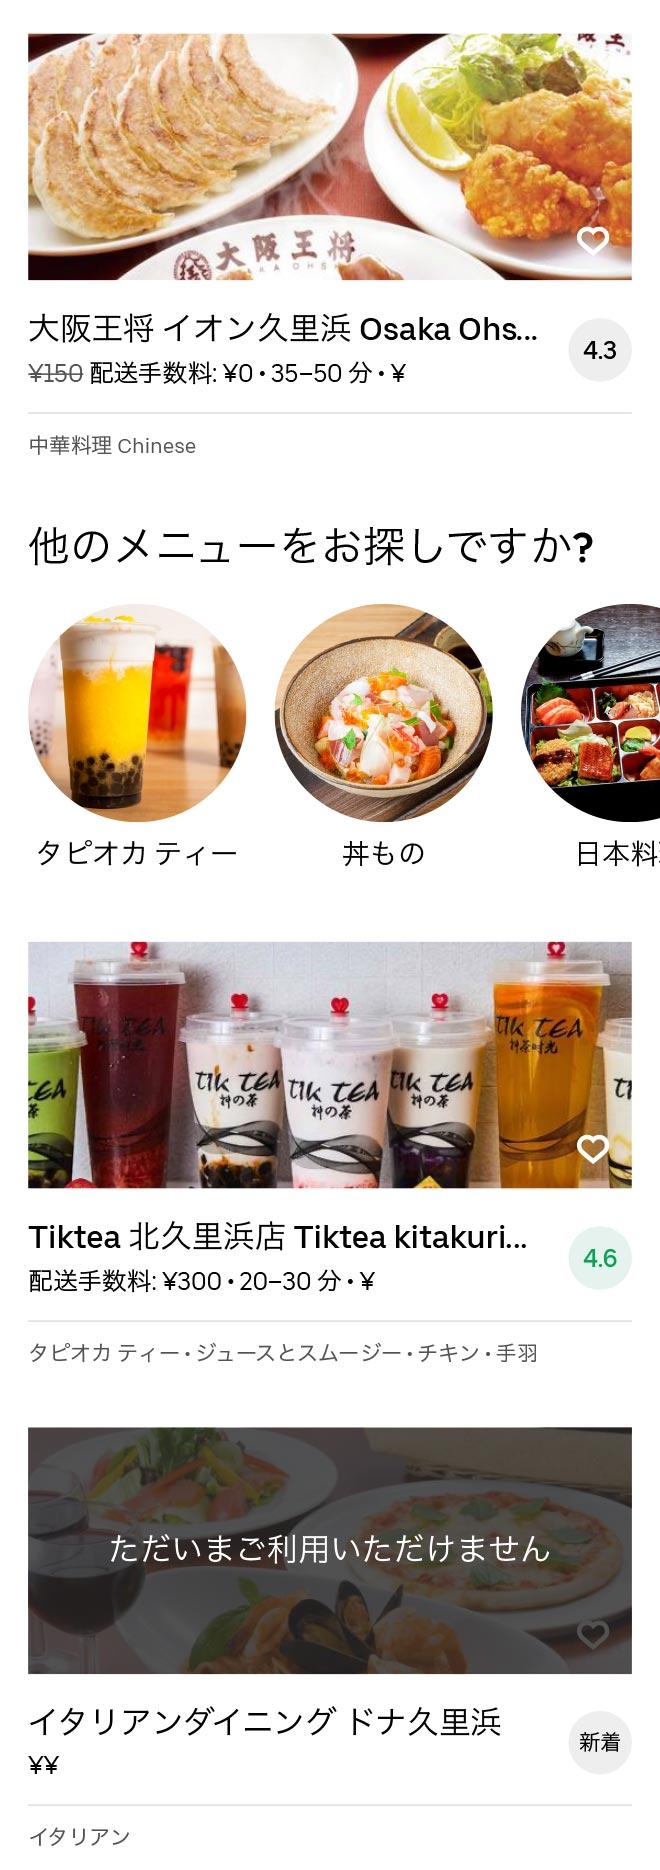 Kurihama menu 2008 04